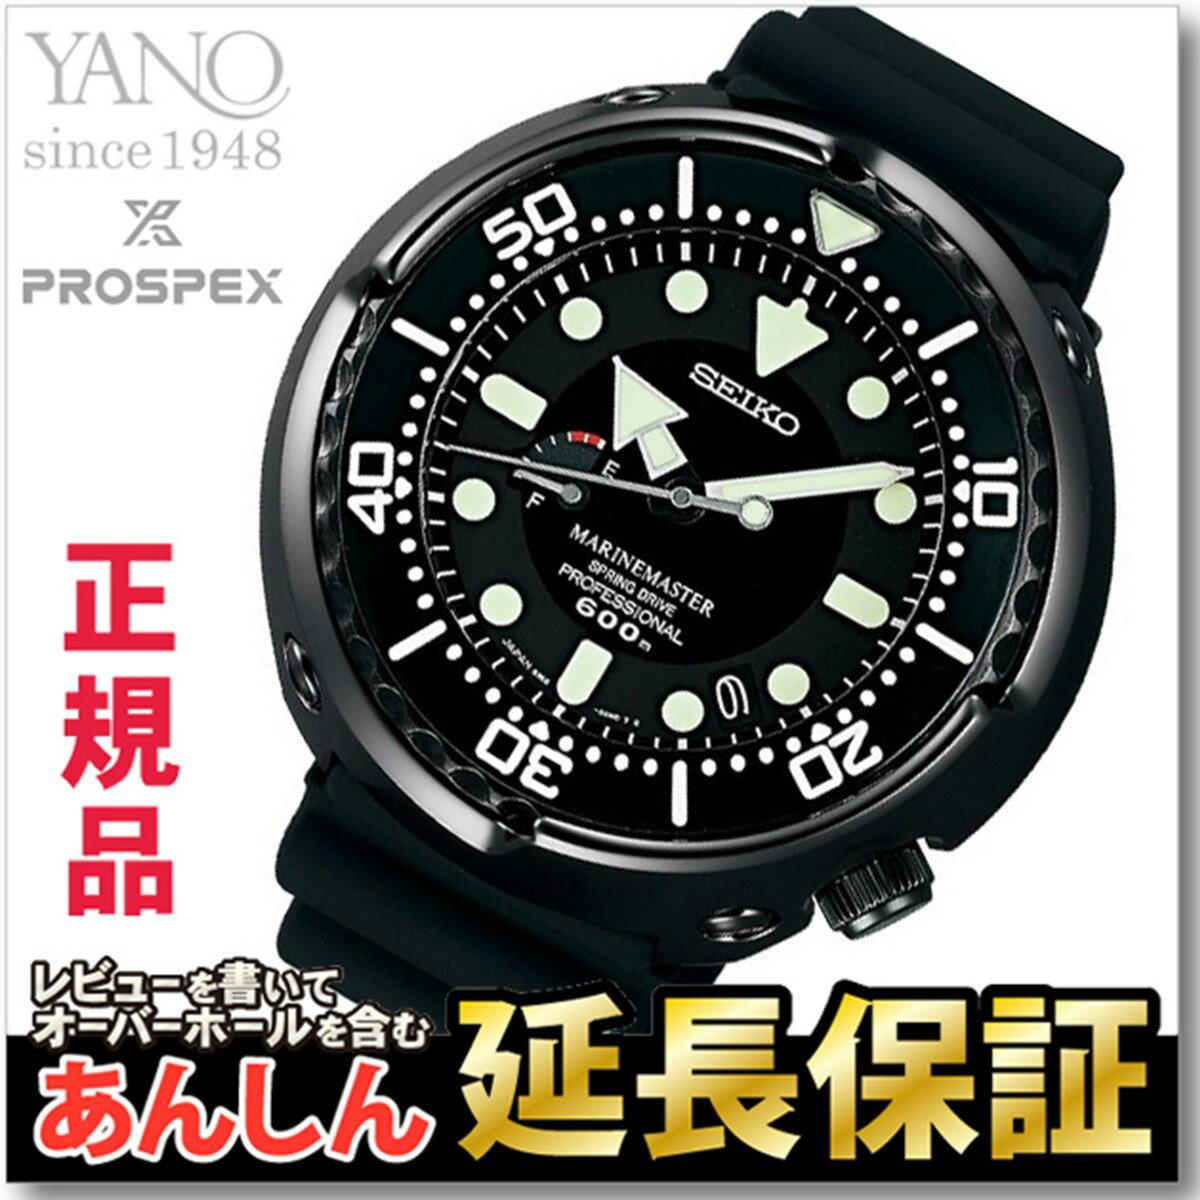 セイコー プロスペックス SEIKO PROSPEX マリーンマスター プロフェッショナル ダイバーズウォッチ スプリングドライブ 腕時計 メンズ SBDB013【2015】【ラッピング無料】_10spl